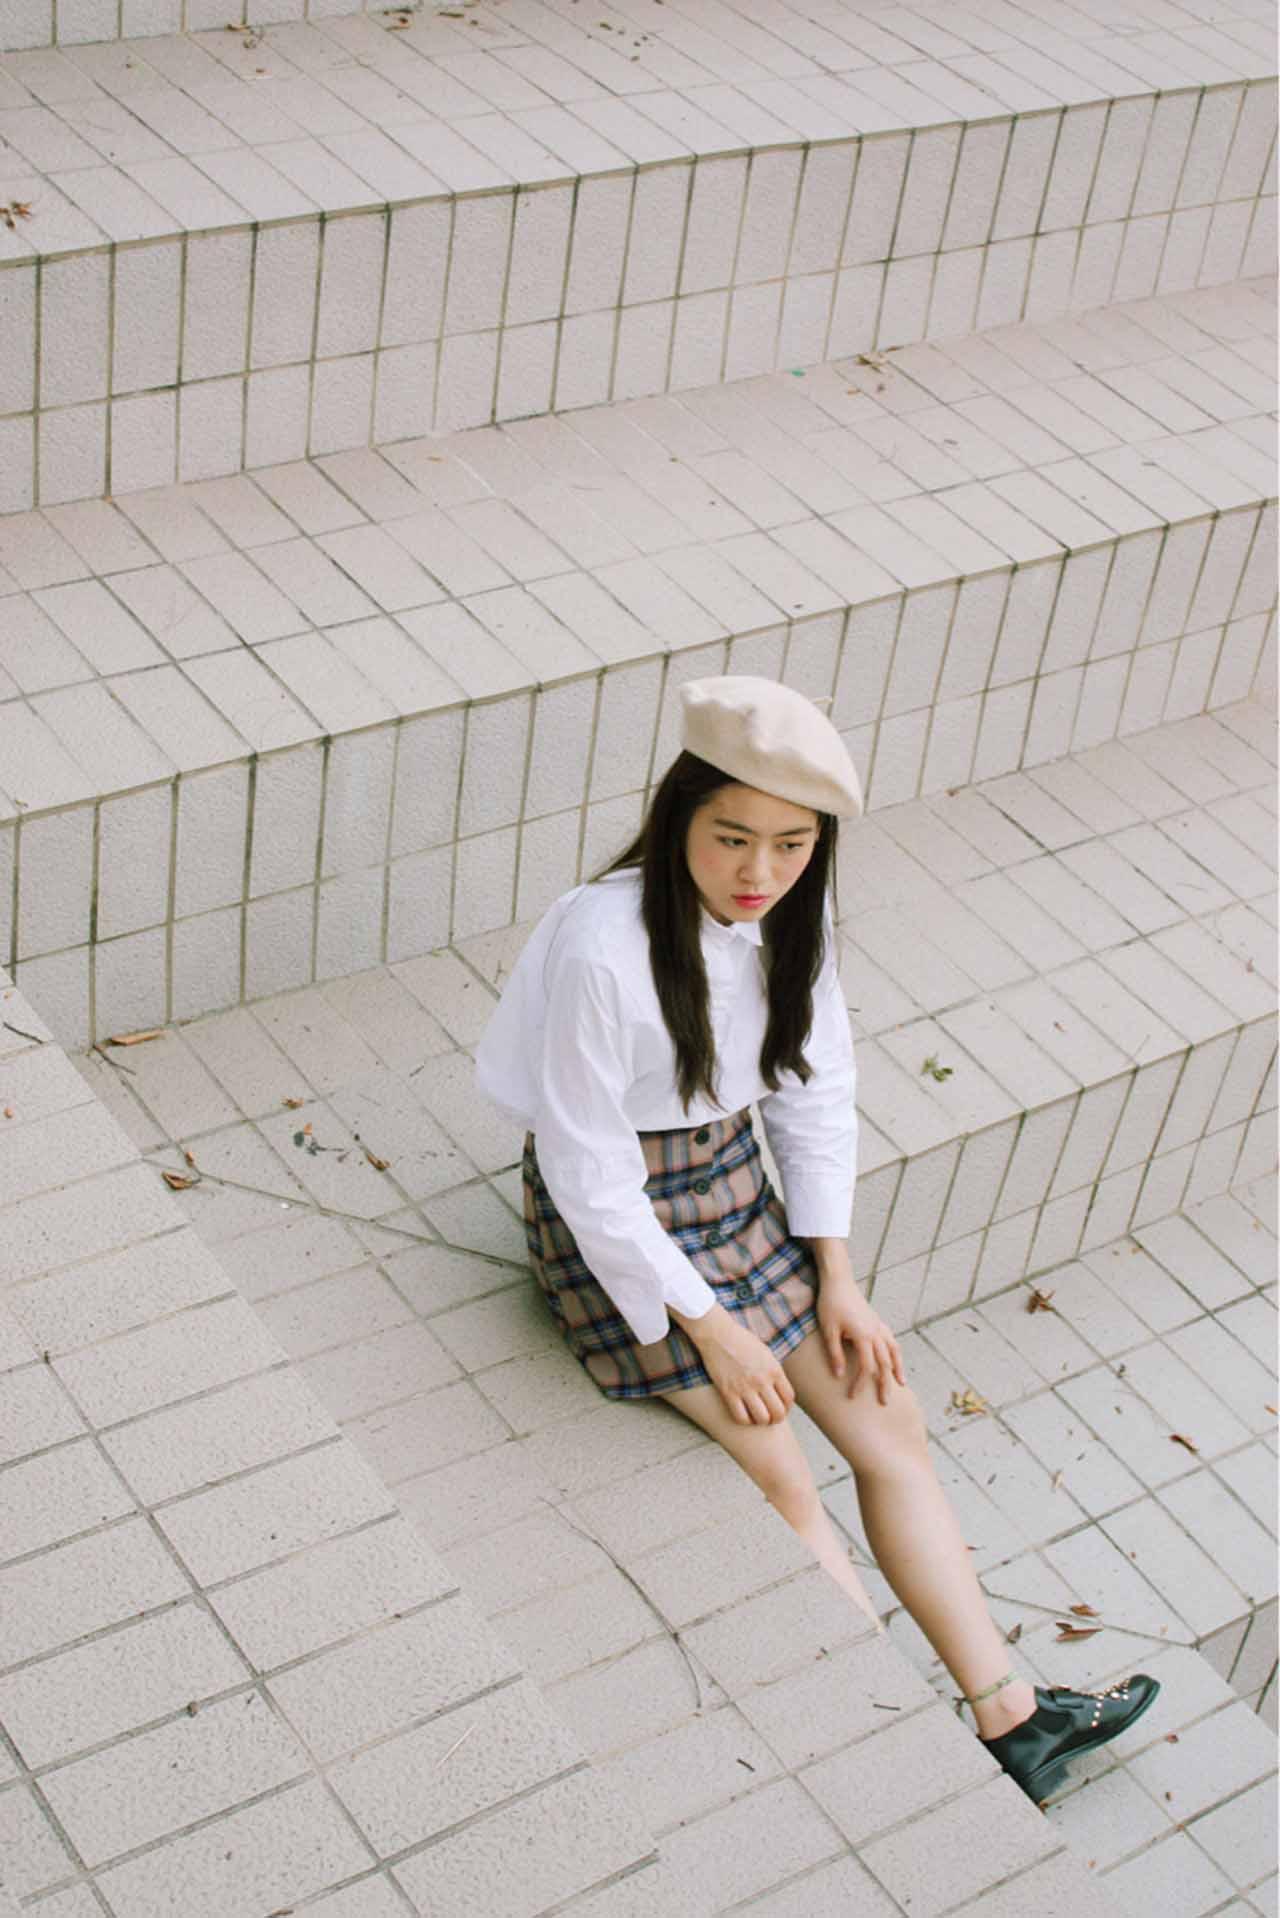 2. 貝雷帽+格子 深受秋季鐘愛的格子系列,與貝雷帽的搭配也是讚讚噠!